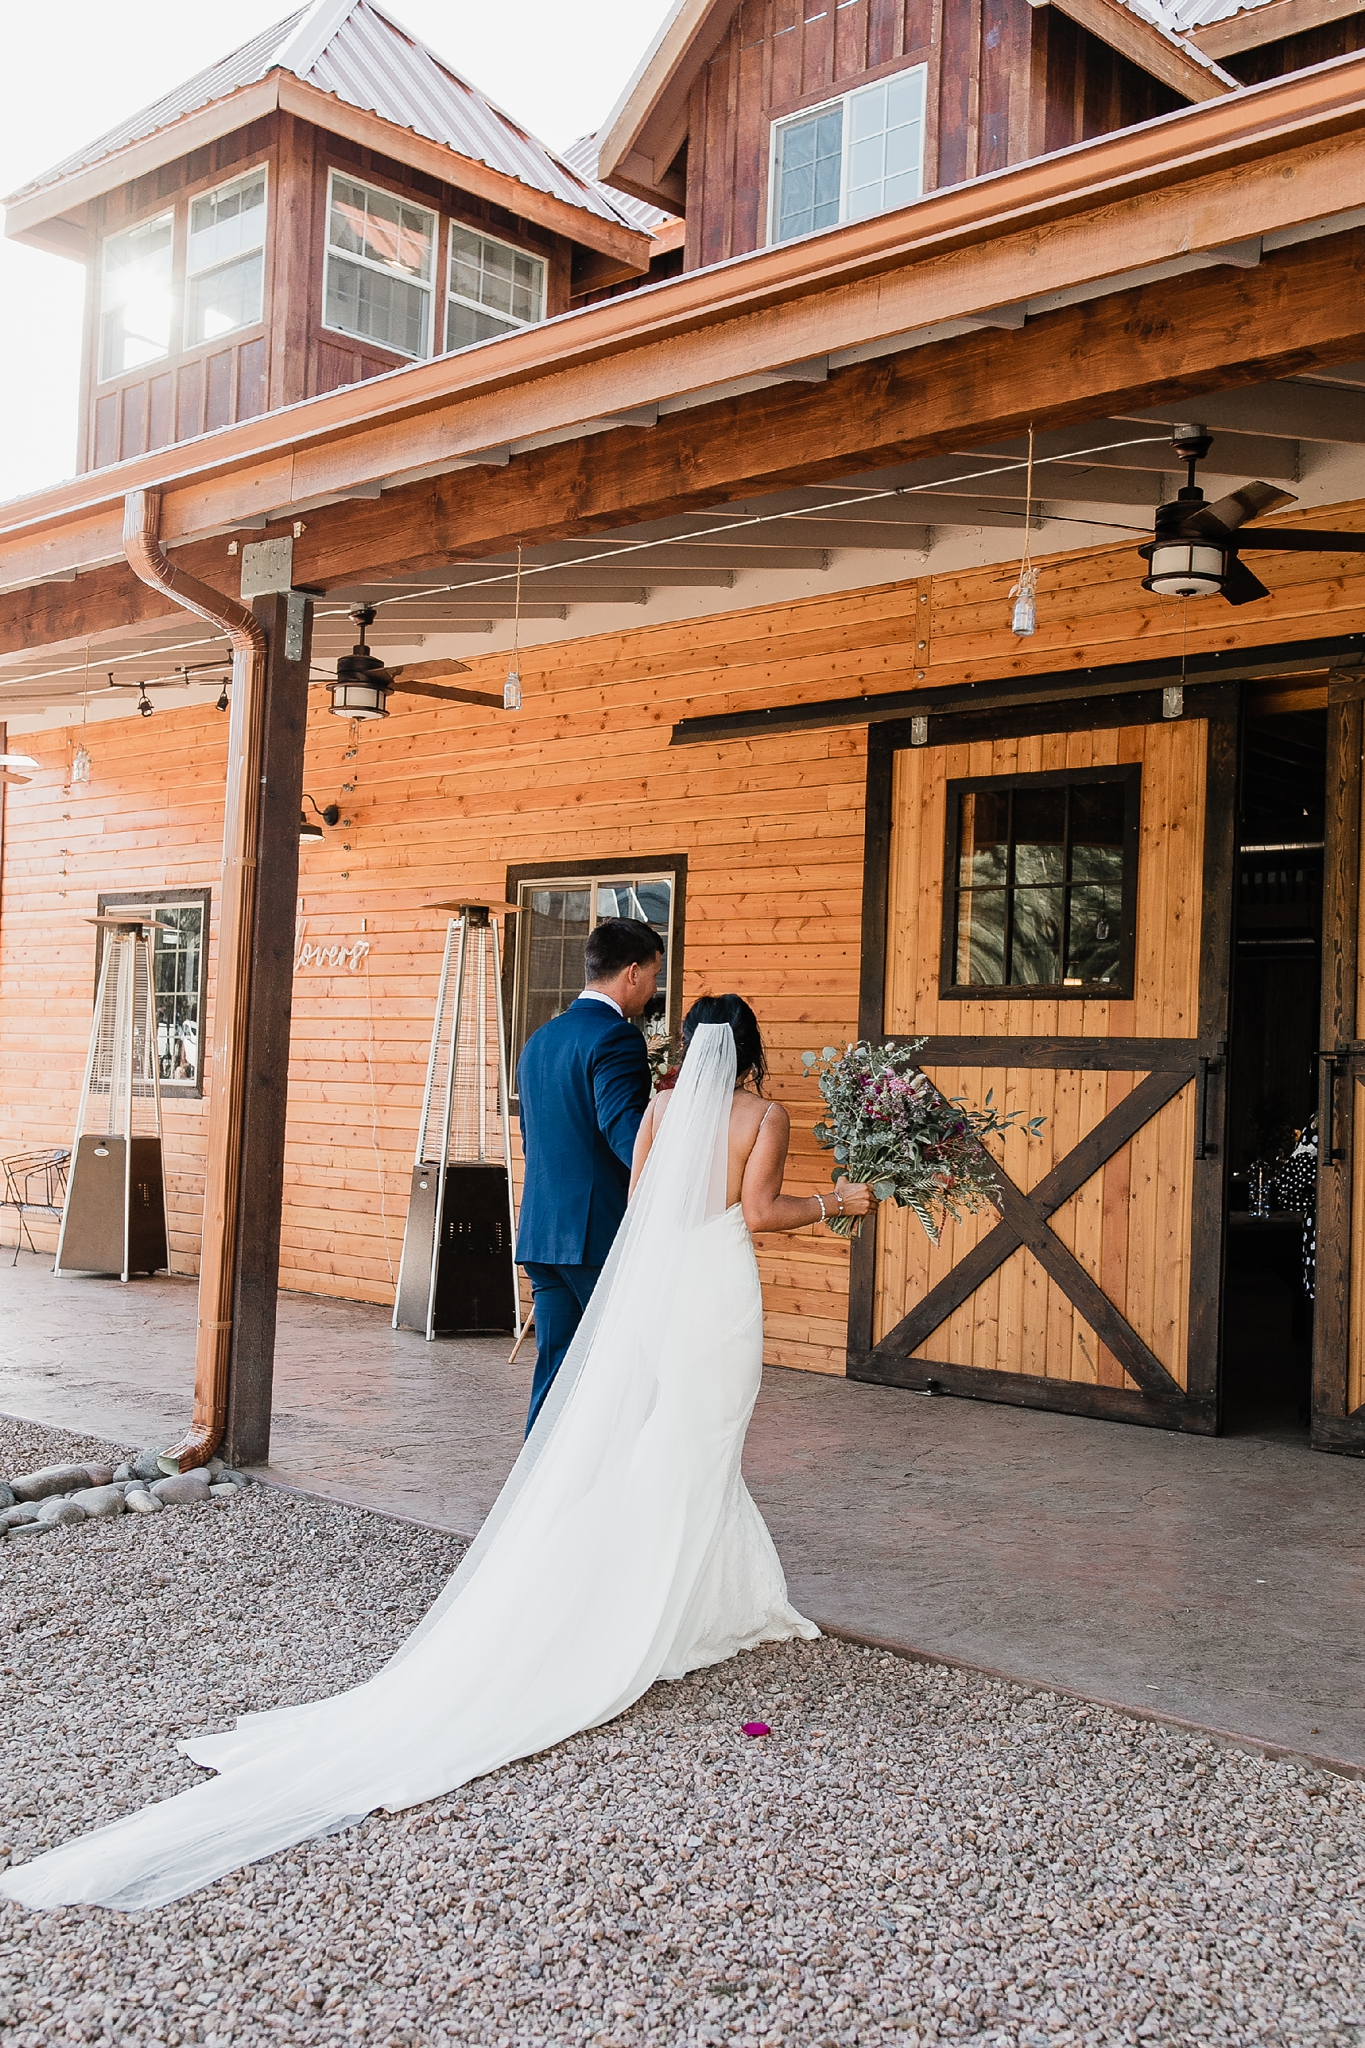 Alicia+lucia+photography+-+albuquerque+wedding+photographer+-+santa+fe+wedding+photography+-+new+mexico+wedding+photographer+-+new+mexico+wedding+-+new+mexico+wedding+-+barn+wedding+-+enchanted+vine+barn+wedding+-+ruidoso+wedding_0113.jpg